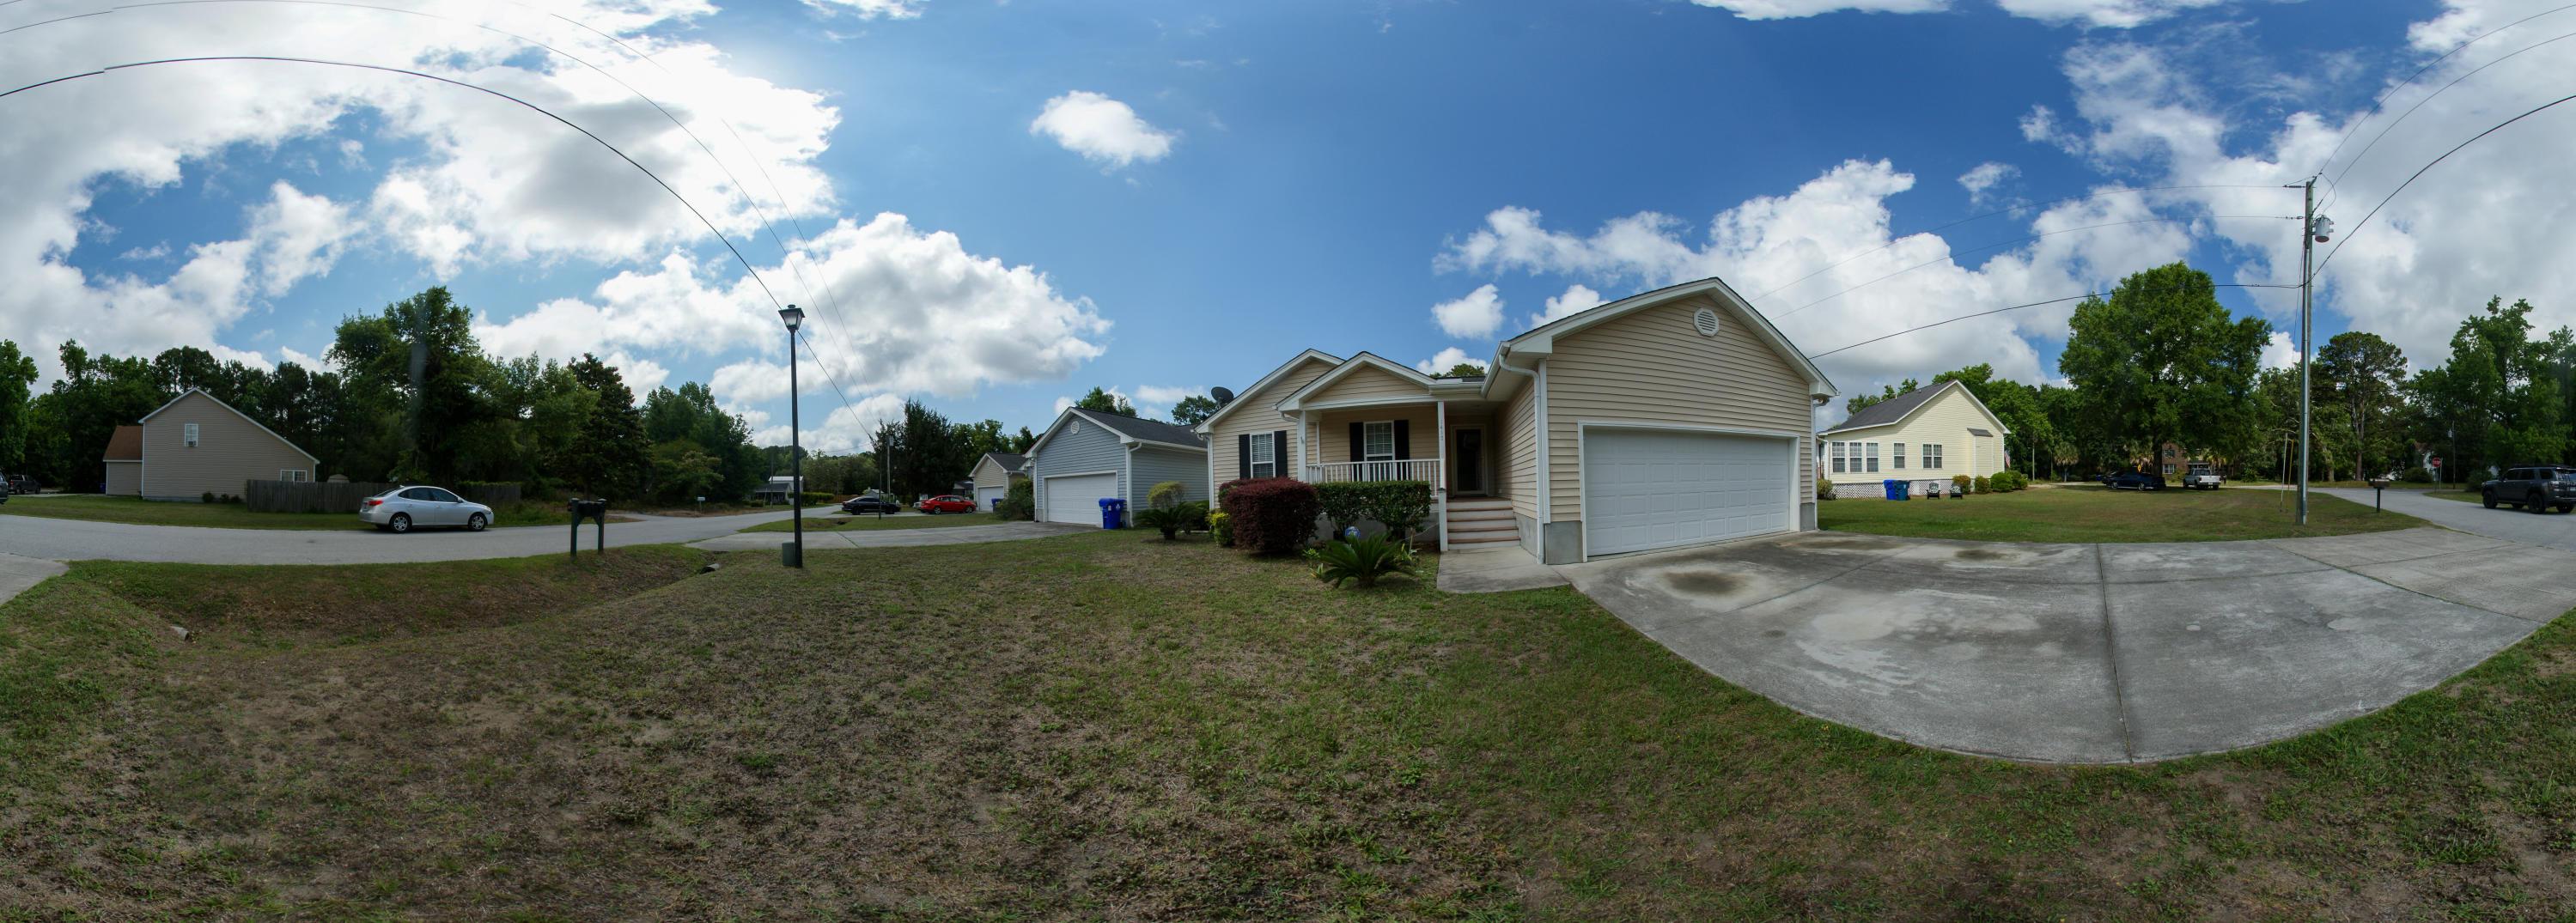 Hamlins Homes For Sale - 1421 Jefferson Road, Mount Pleasant, SC - 0